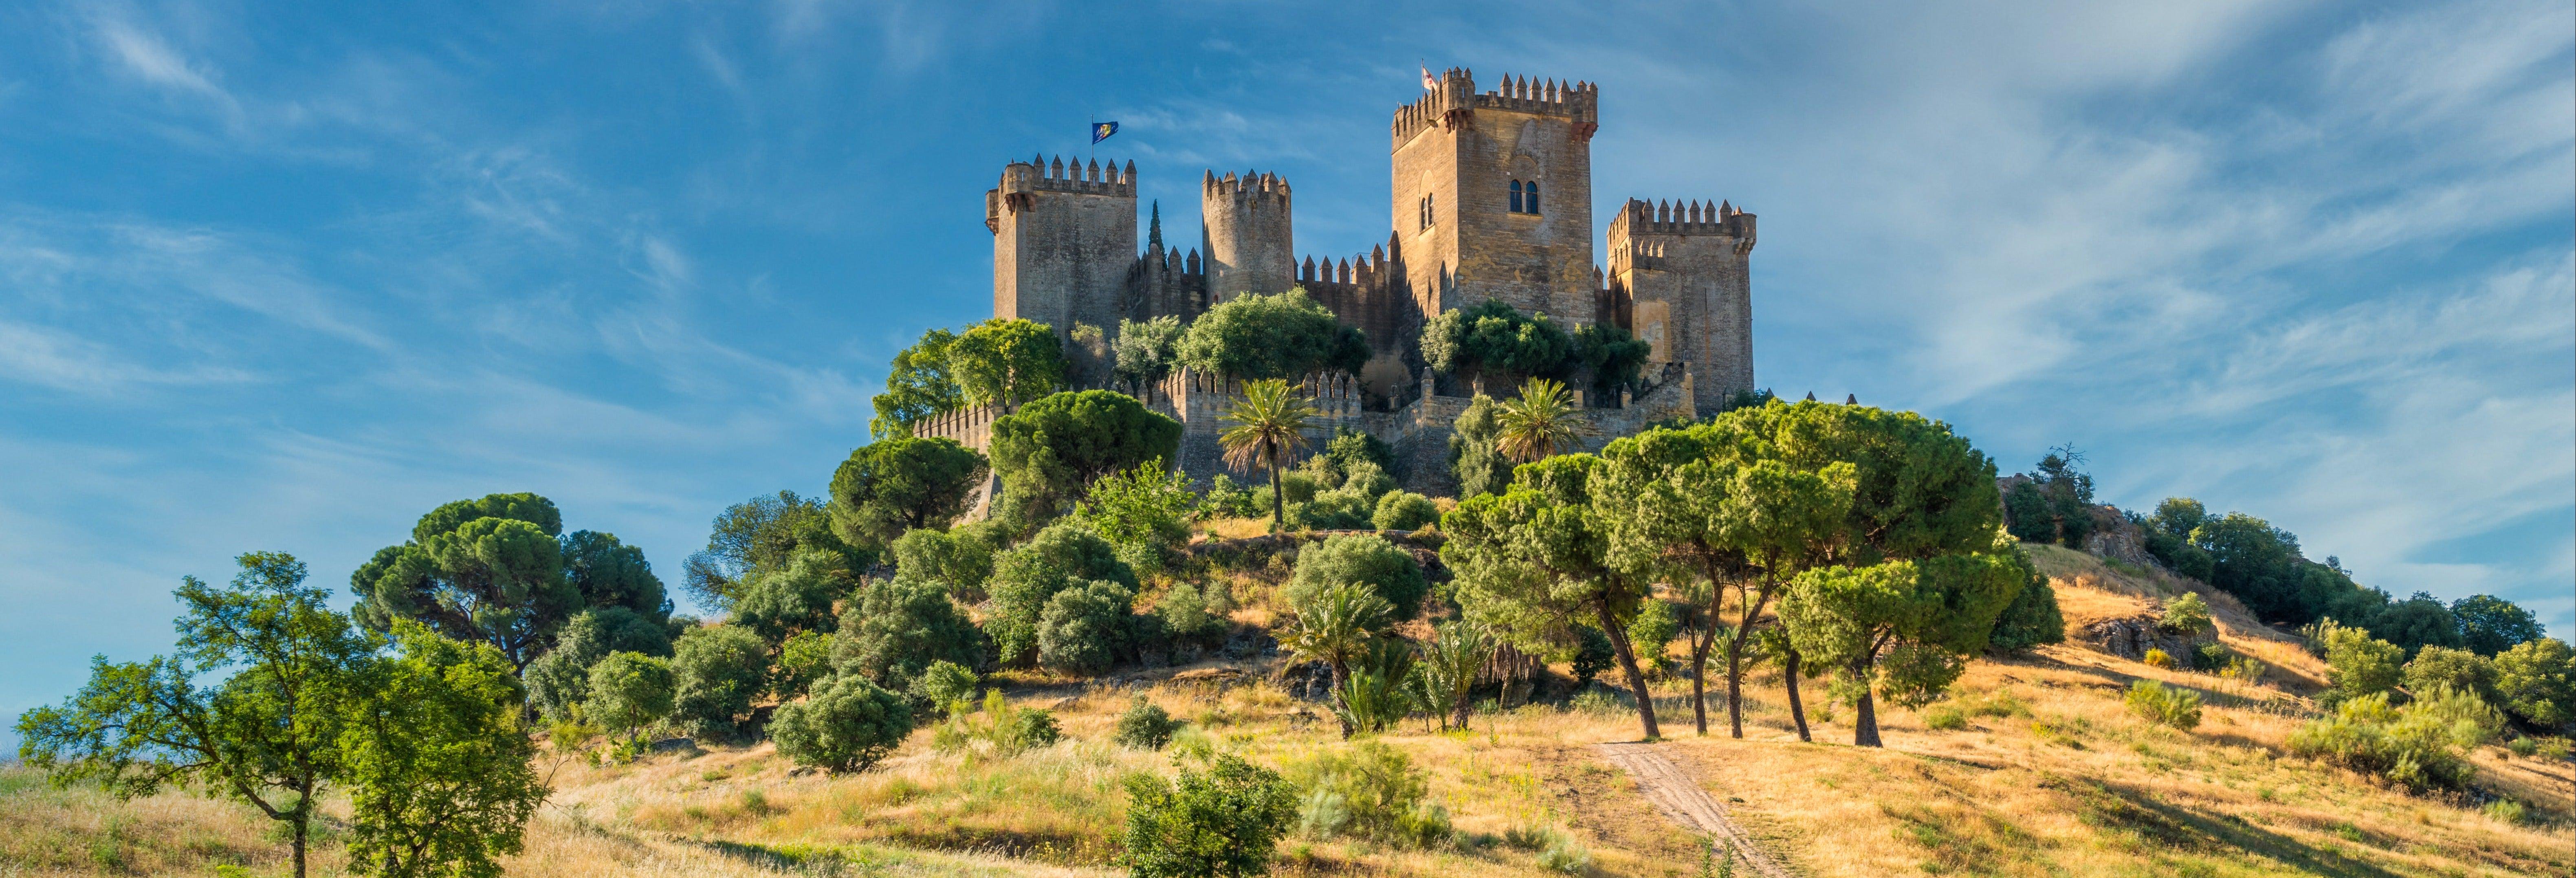 Entrada al Castillo de Almodóvar del Río